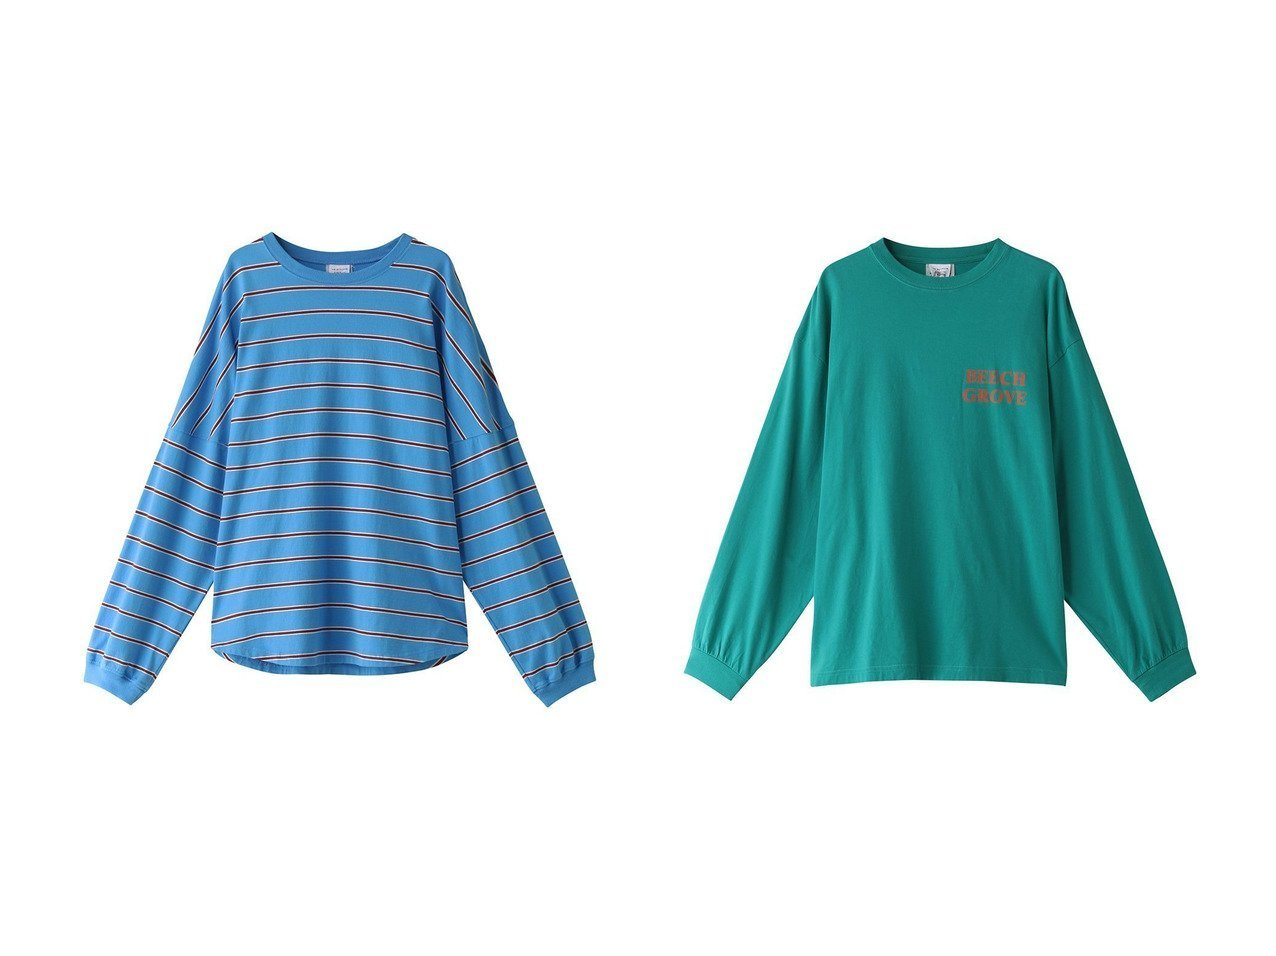 【Shinzone/シンゾーン】のコットンマルチボーダープルオーバー&BEECH GROVE Tシャツ トップス・カットソーのおすすめ!人気、トレンド・レディースファッションの通販 おすすめで人気の流行・トレンド、ファッションの通販商品 メンズファッション・キッズファッション・インテリア・家具・レディースファッション・服の通販 founy(ファニー) https://founy.com/ ファッション Fashion レディースファッション WOMEN トップス Tops Tshirt シャツ/ブラウス Shirts Blouses ロング / Tシャツ T-Shirts プルオーバー Pullover カットソー Cut and Sewn 2021年 2021 2021 春夏 S/S SS Spring/Summer 2021 S/S 春夏 SS Spring/Summer スリーブ ボーダー ロング 春 Spring 長袖 |ID:crp329100000013104